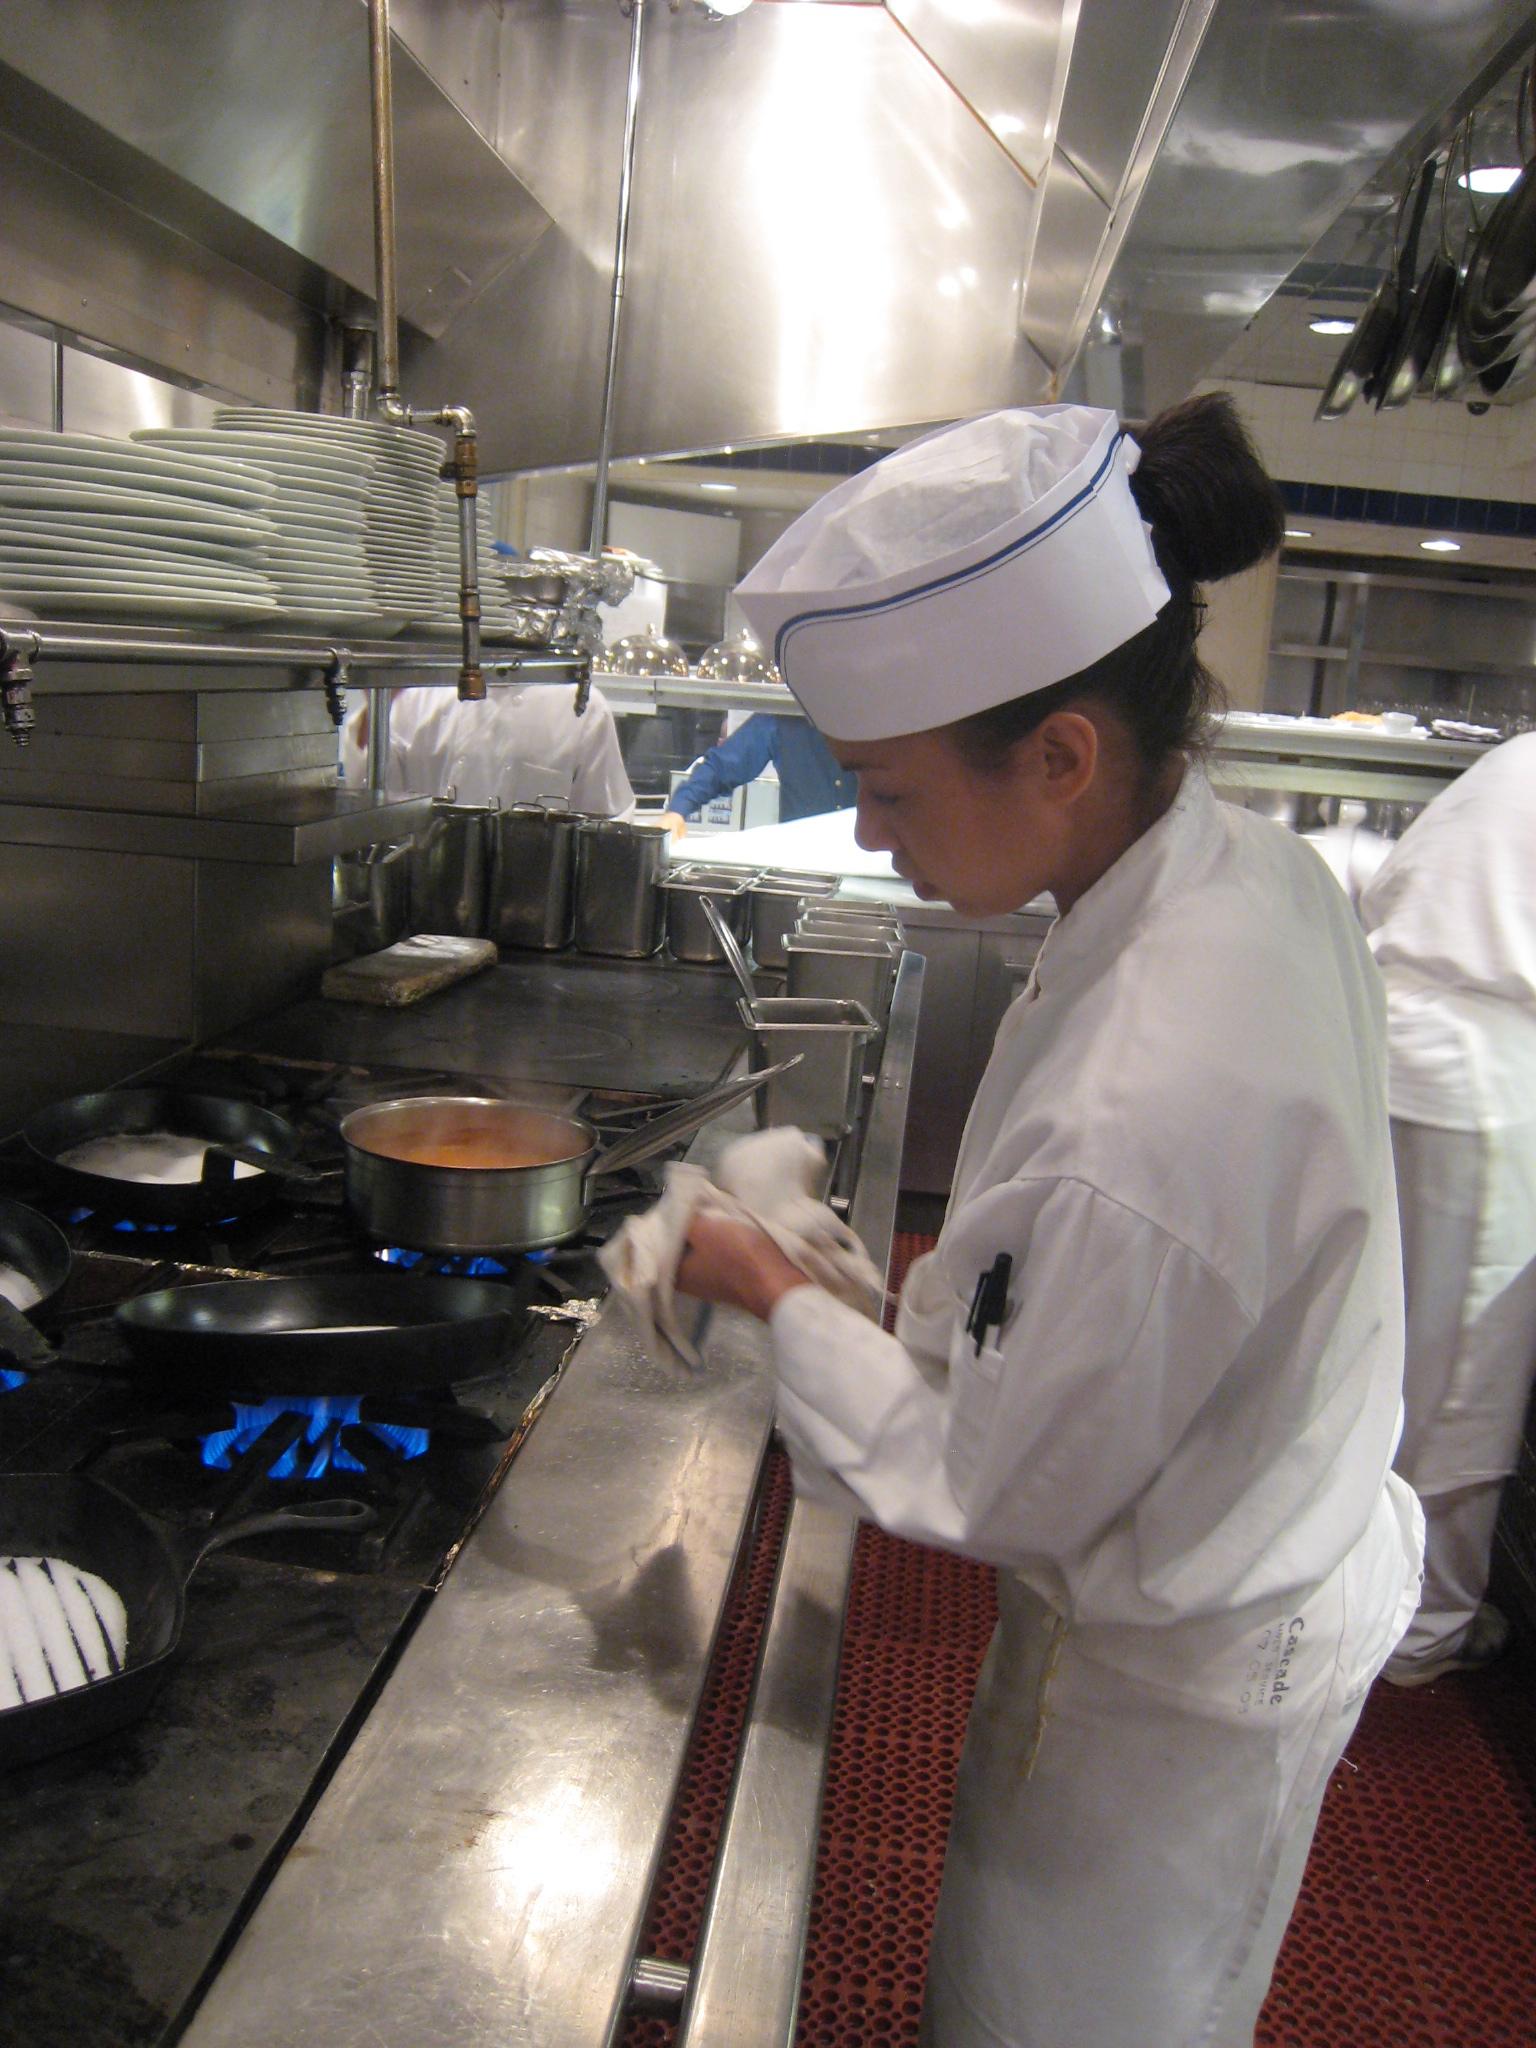 Le Bernardin The Women In The Kitchen